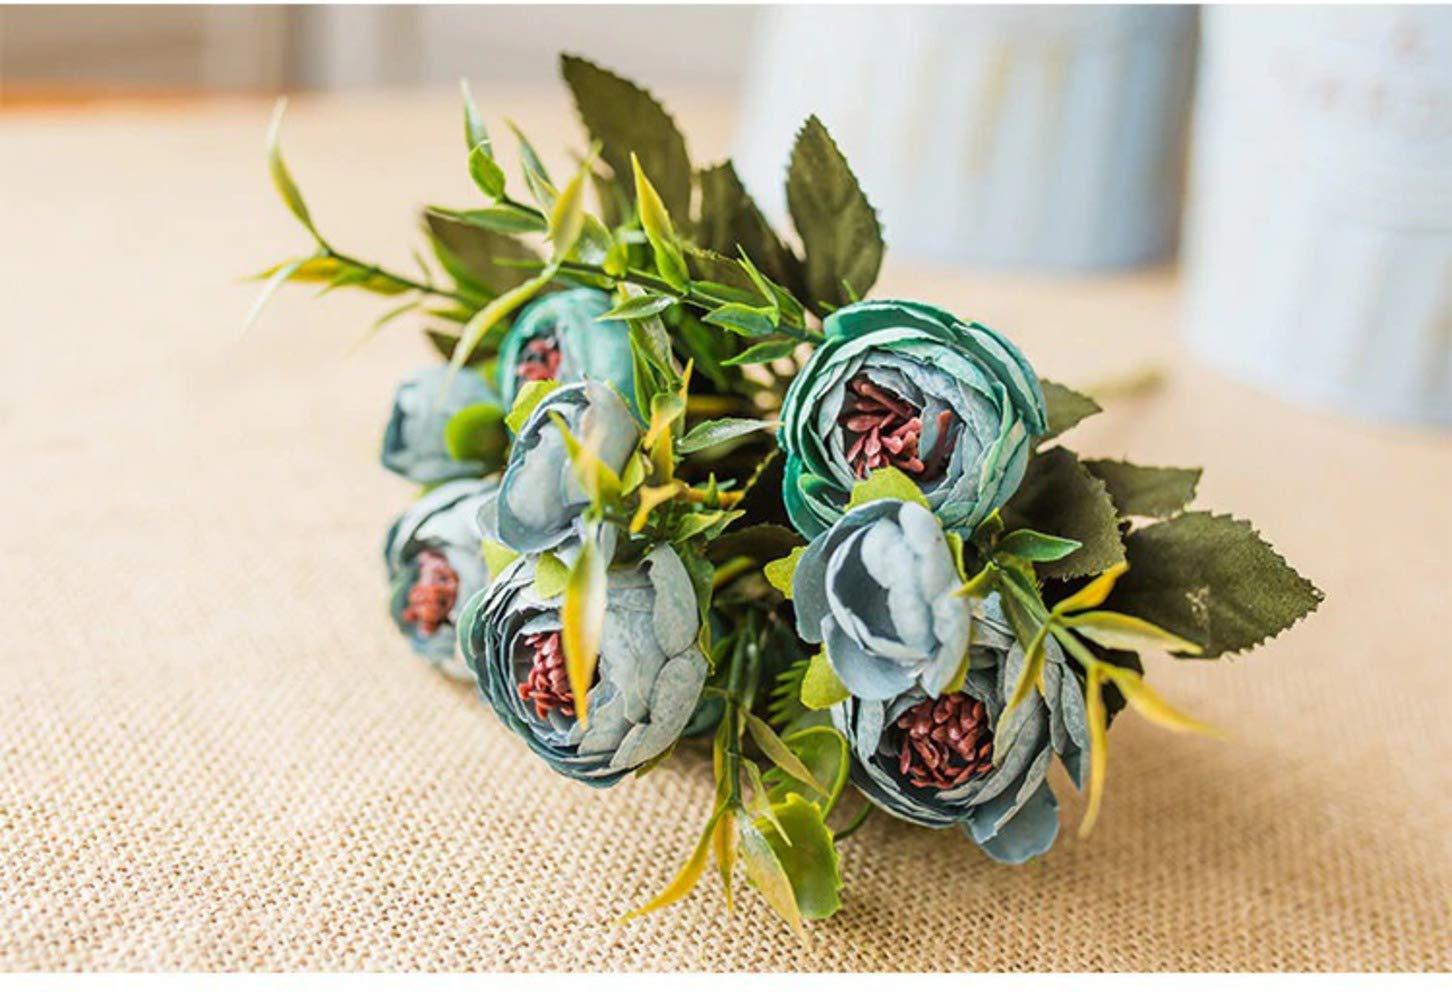 小さなファミリー ティーバッド ローズ 造花ブーケ ヨーロピアン ビンテージ シルクフラワー 秋 生き生きとした牡丹 フェイクリーフ ウェディング ホームパーティー デコレーション ブルー B07GR7Q9CM ブルー